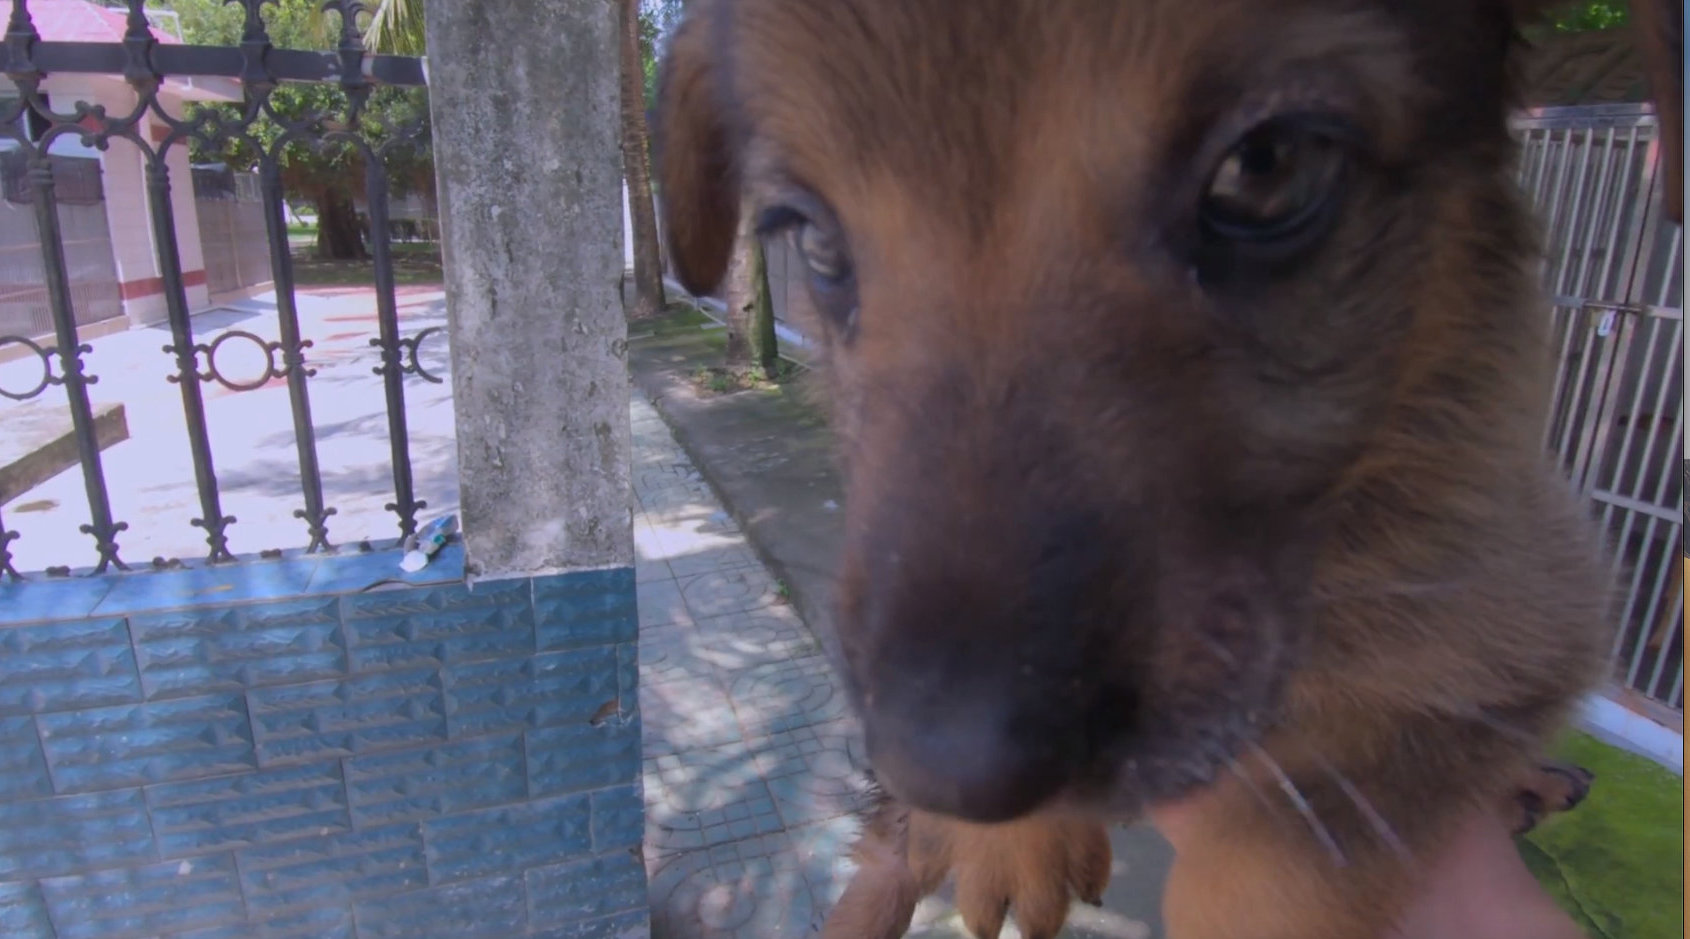 警犬:说好的失误要剪掉!人与犬之间的信任呢?